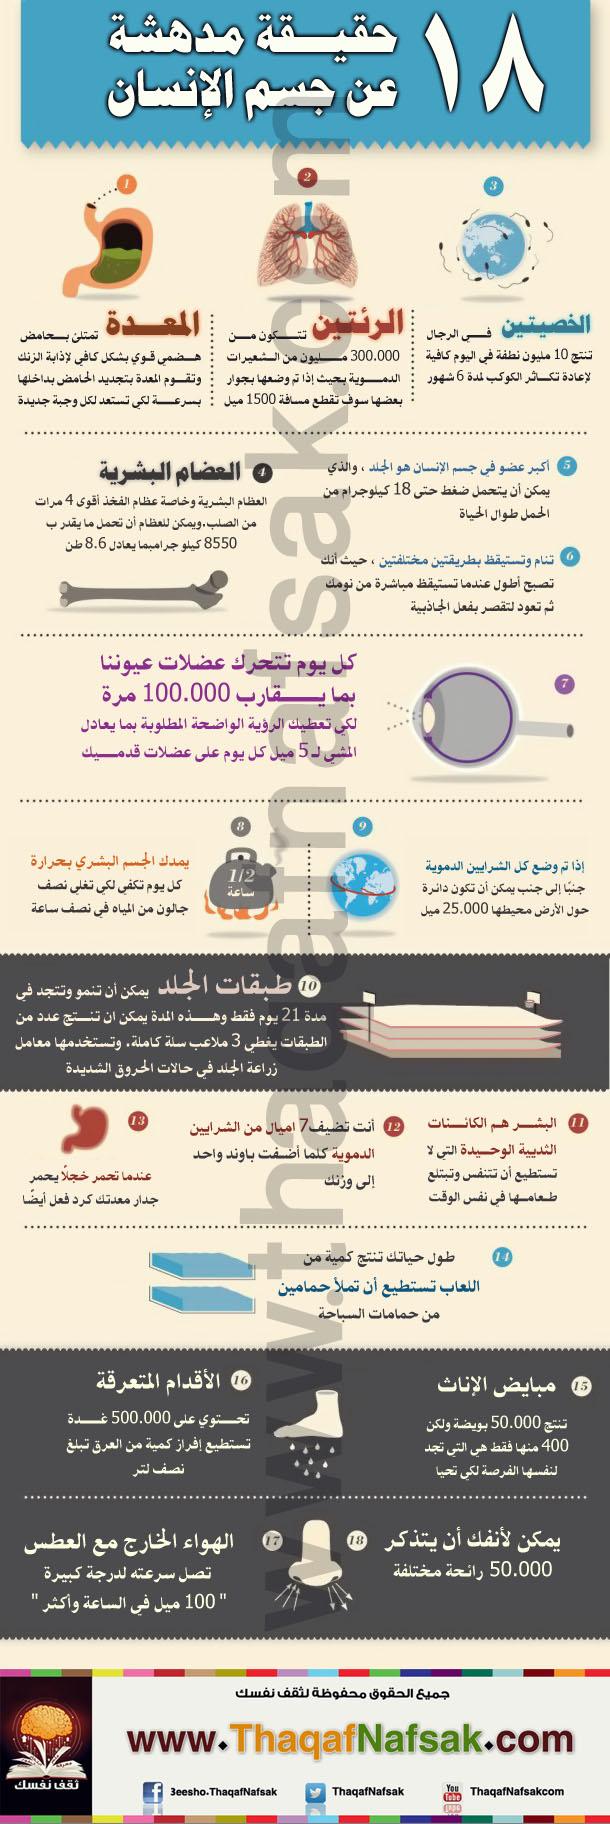 info18-